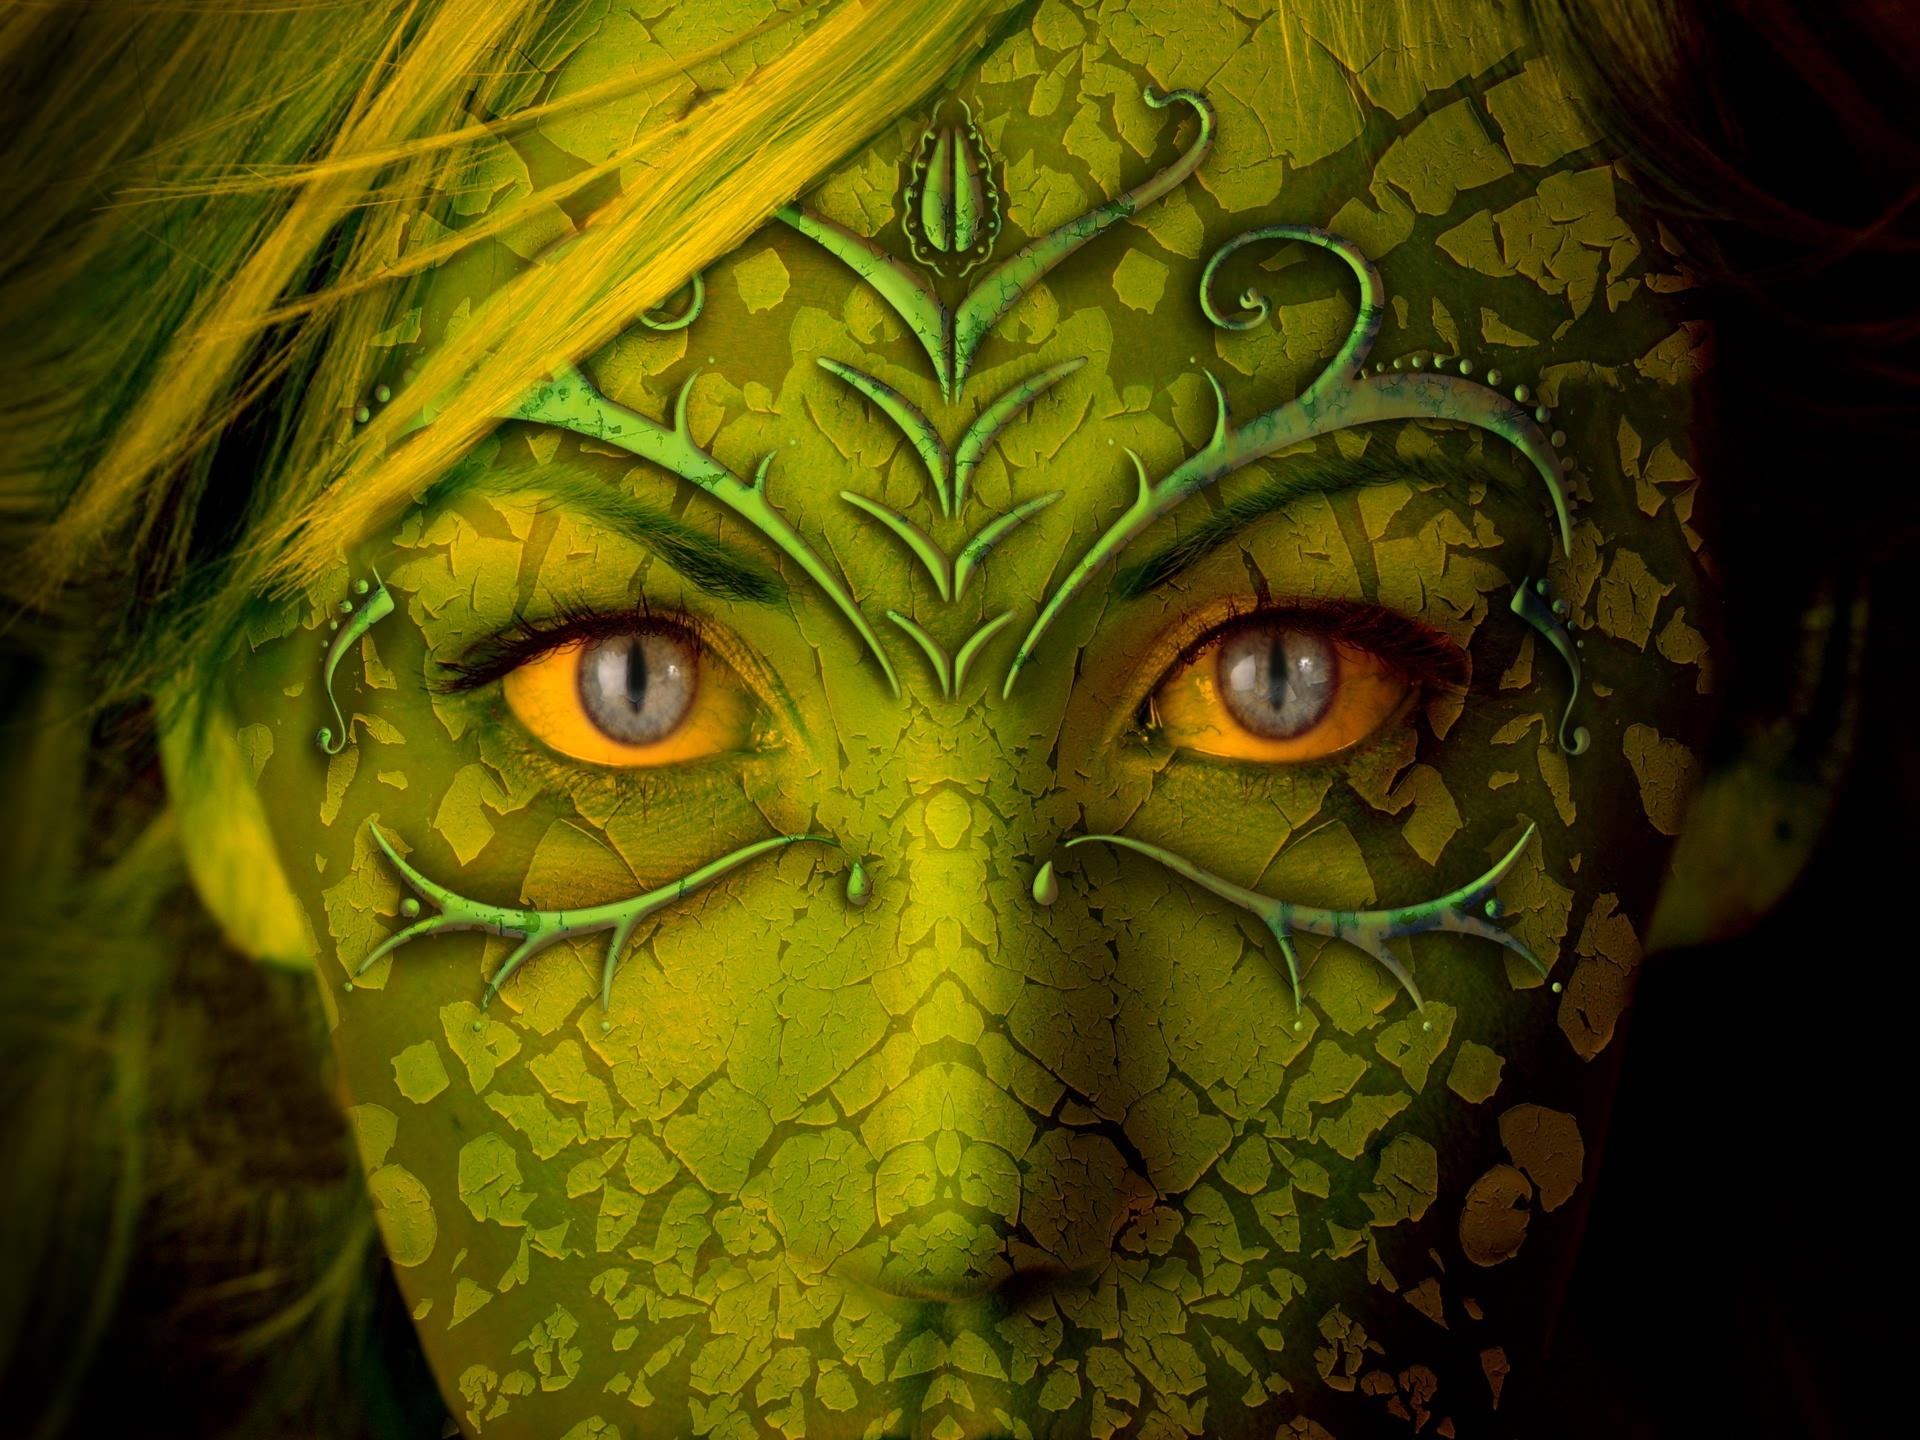 Лицо, змея, маска, фото, обои для рабочего стола